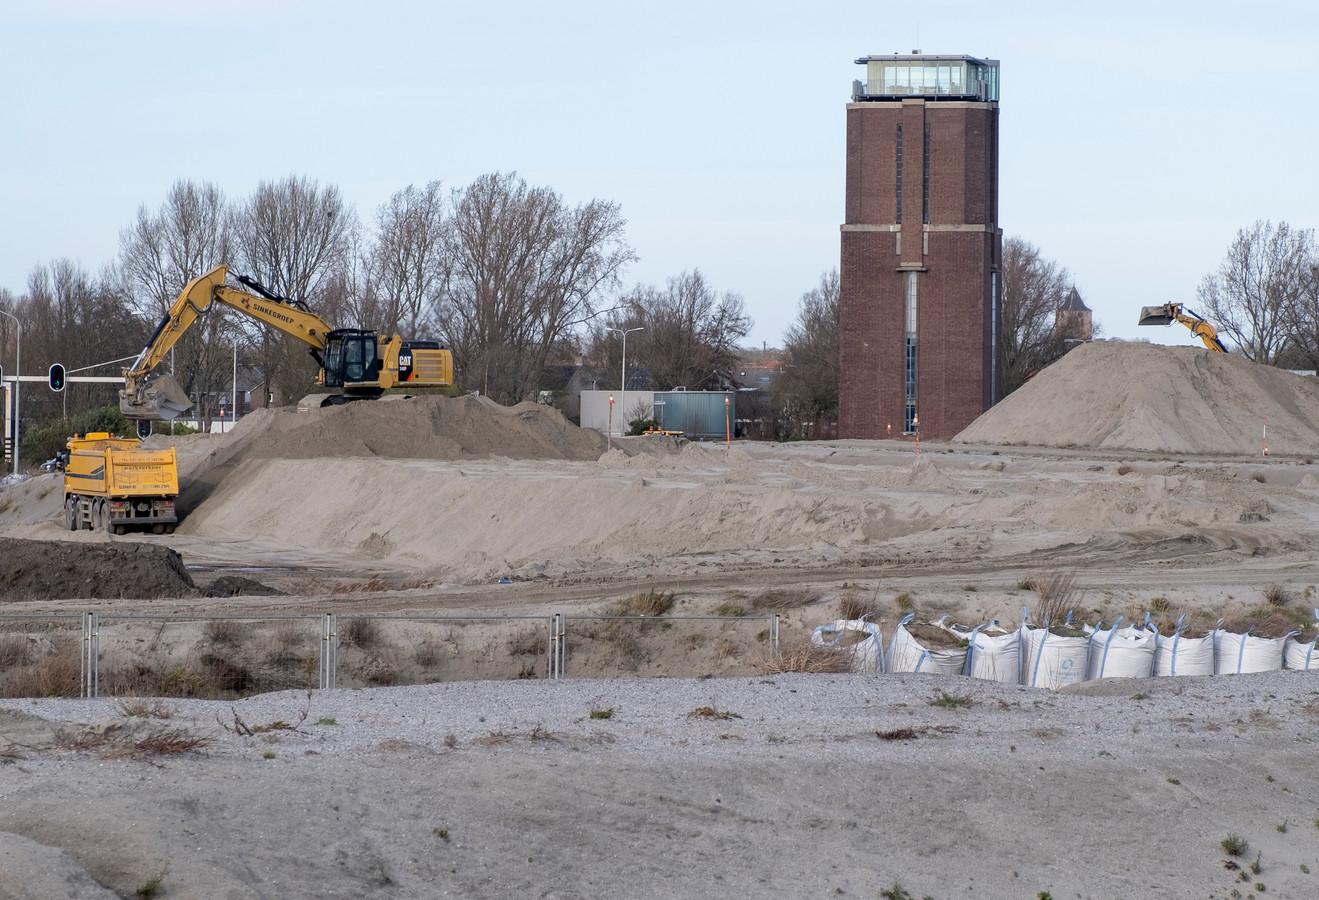 Op de plek waar de marinierskazerne in Vlissingen moest gaan verrijzen, wordt al gewerkt aan het bouwrijp maken van de grond